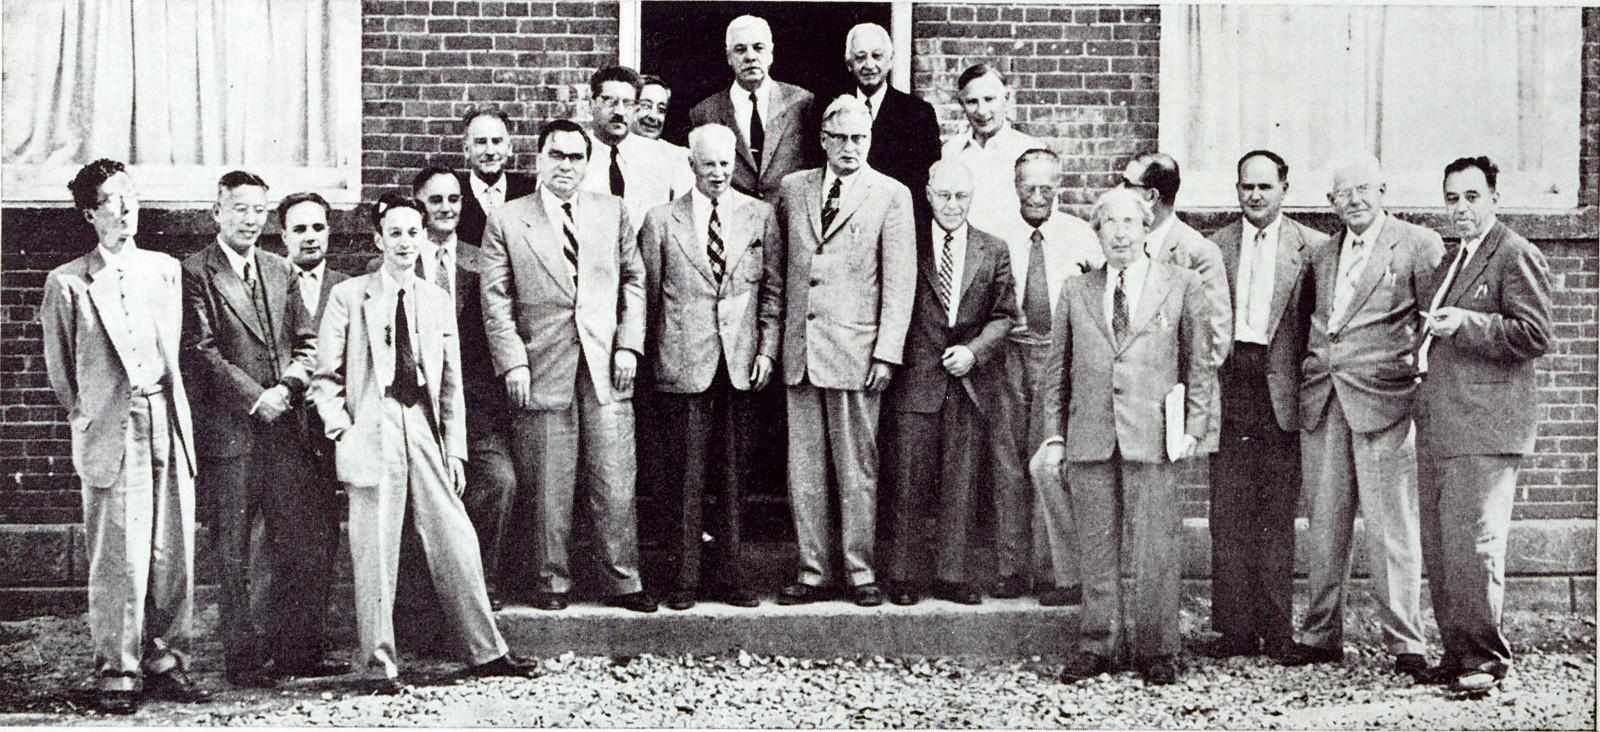 _en_1957_pugwash_group.jpg